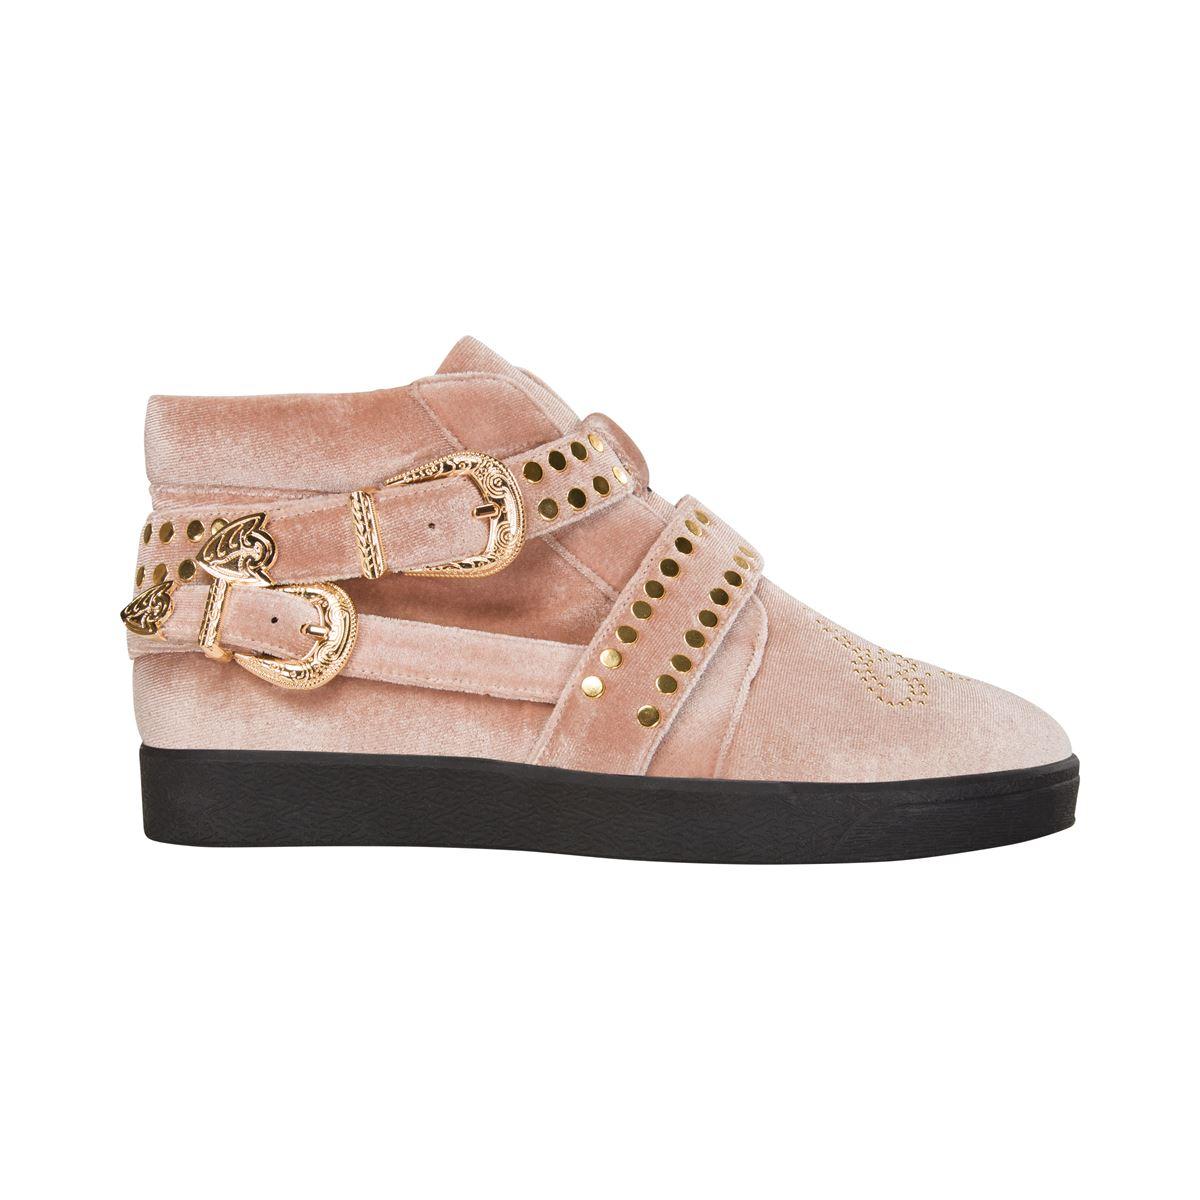 882f911da299 Sofie Schnoor - Køb Sofie Schnoor dametøj og sko i de nyeste styles her